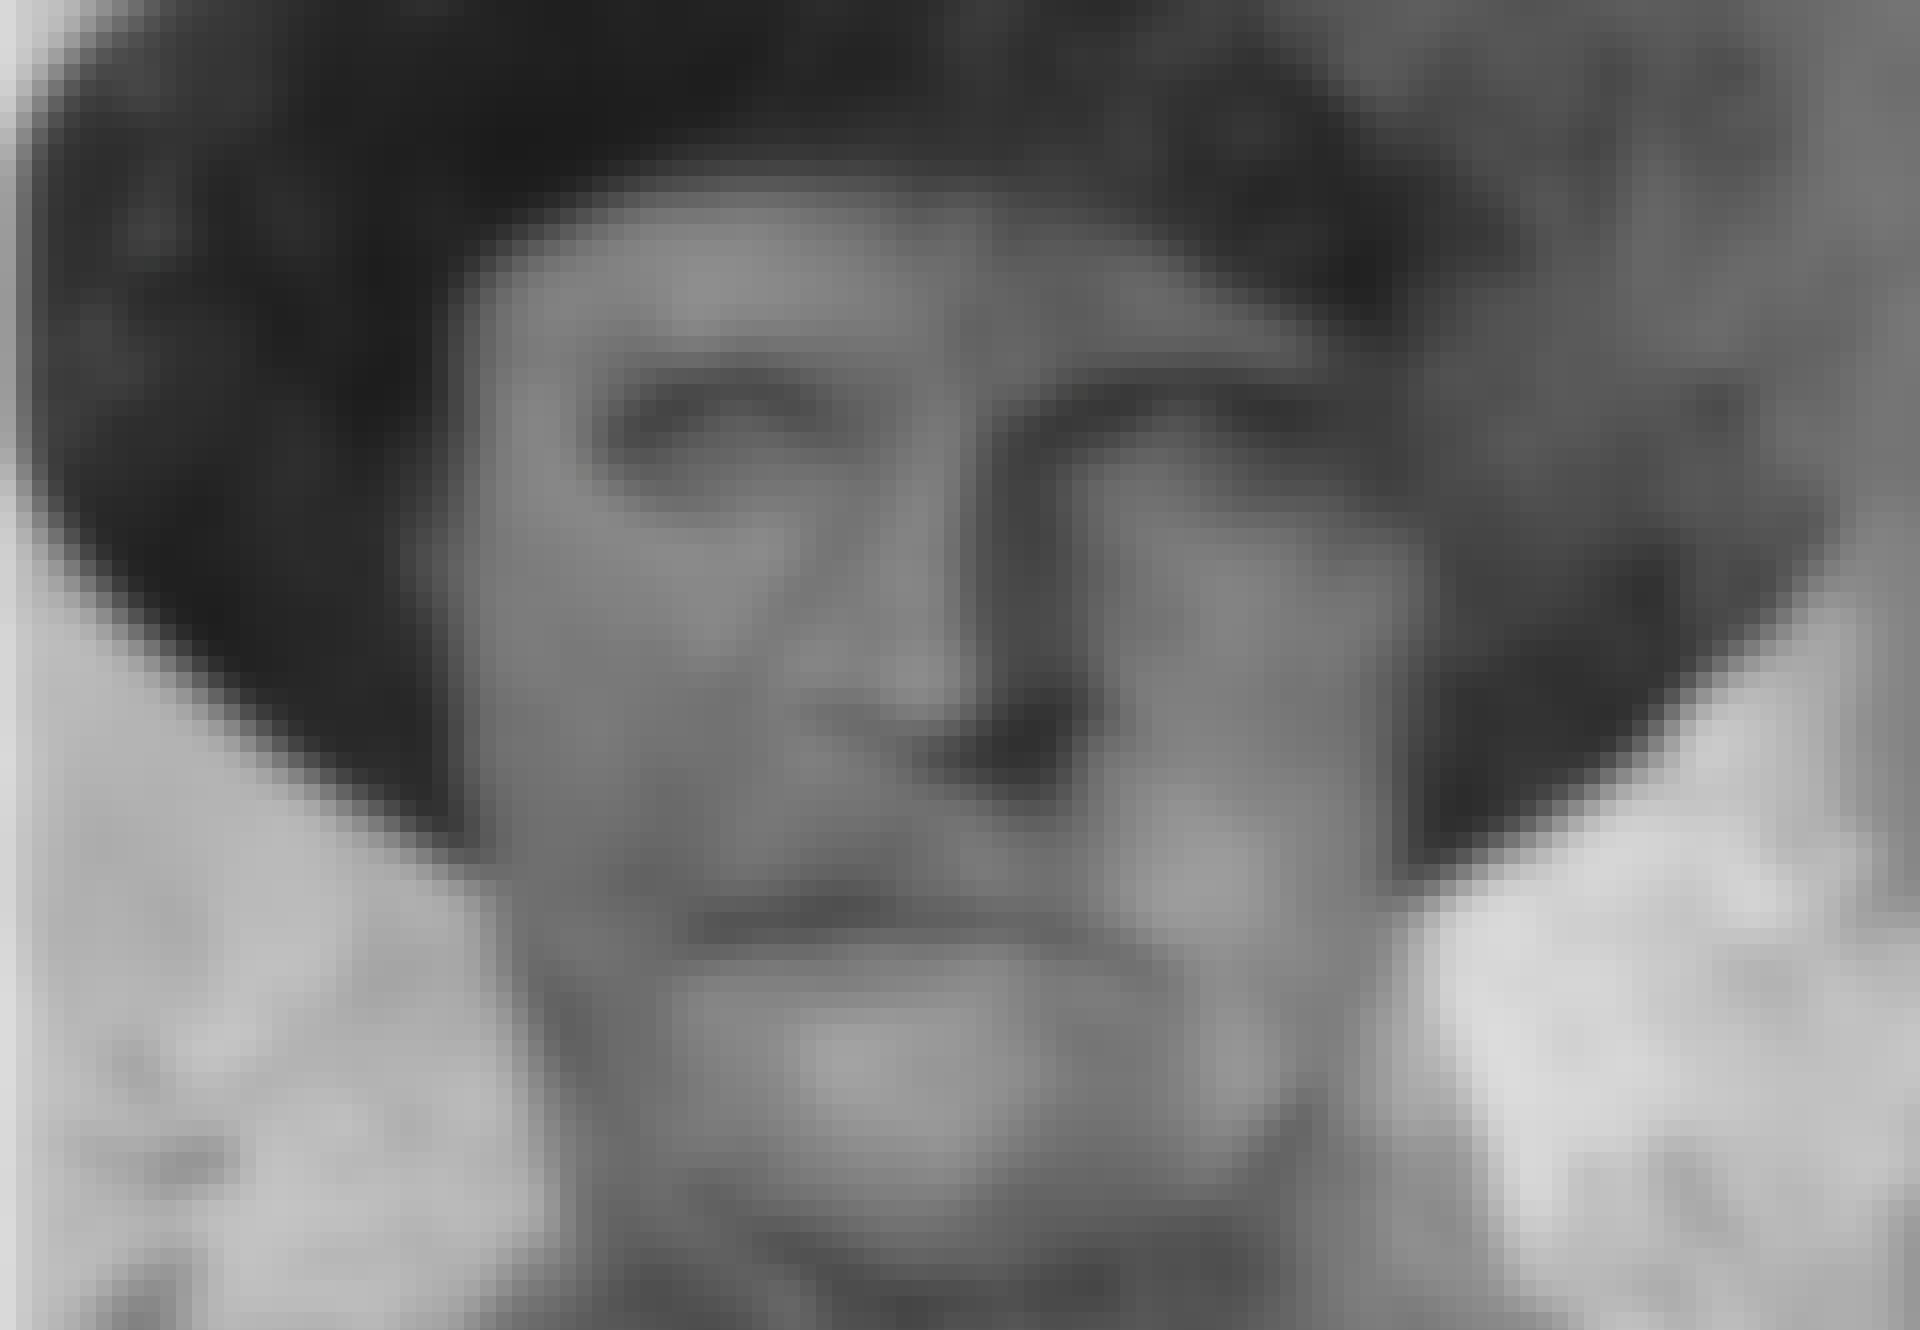 Joseph Henry Loveless øksemorder Idaho